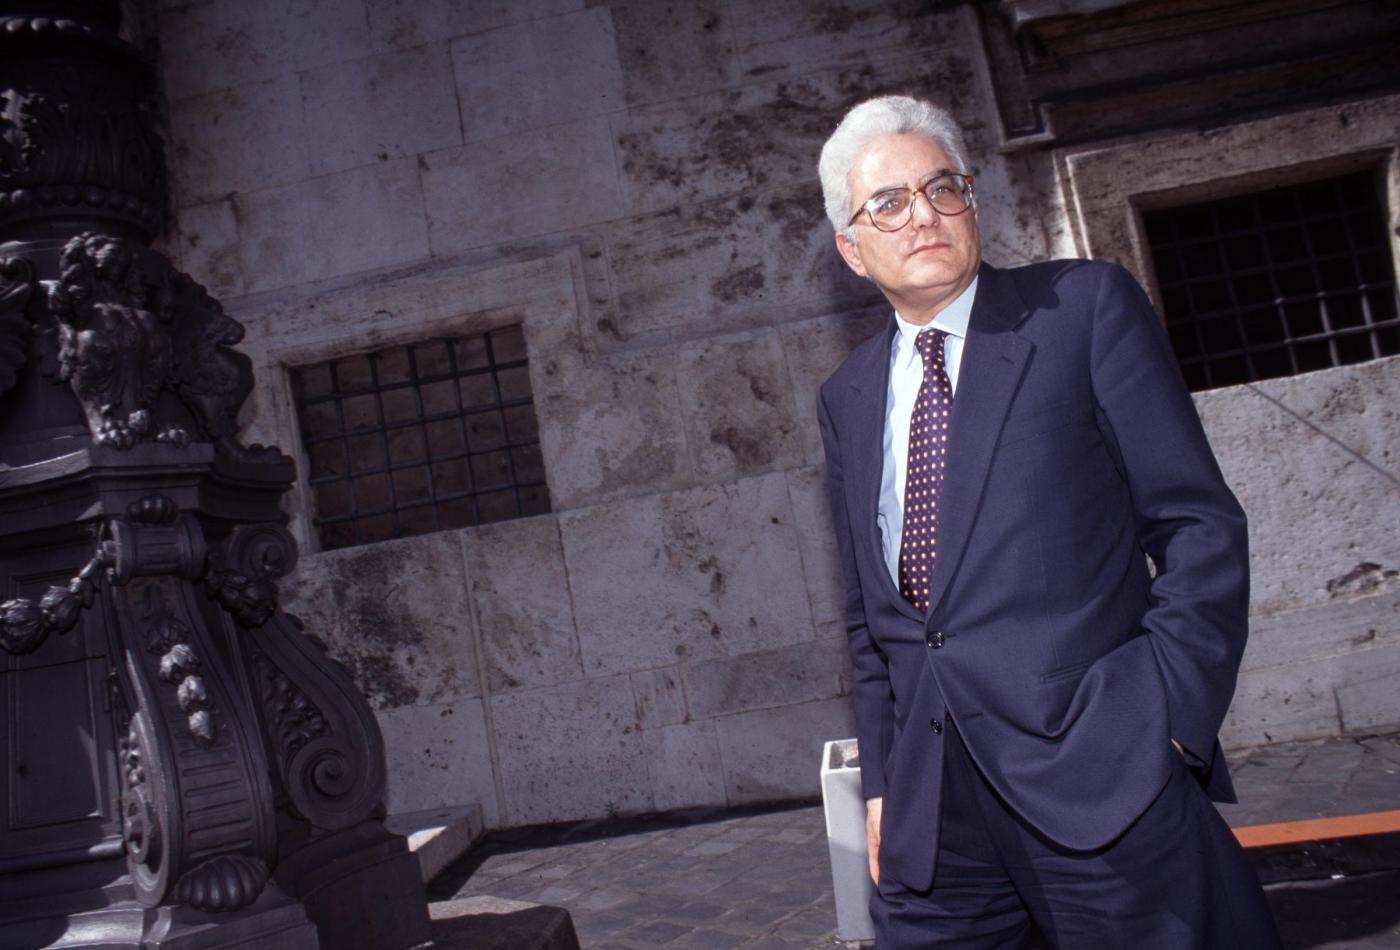 Presidente della Repubblica italiana: chi erano i candidati e i possibili successori di Napolitano